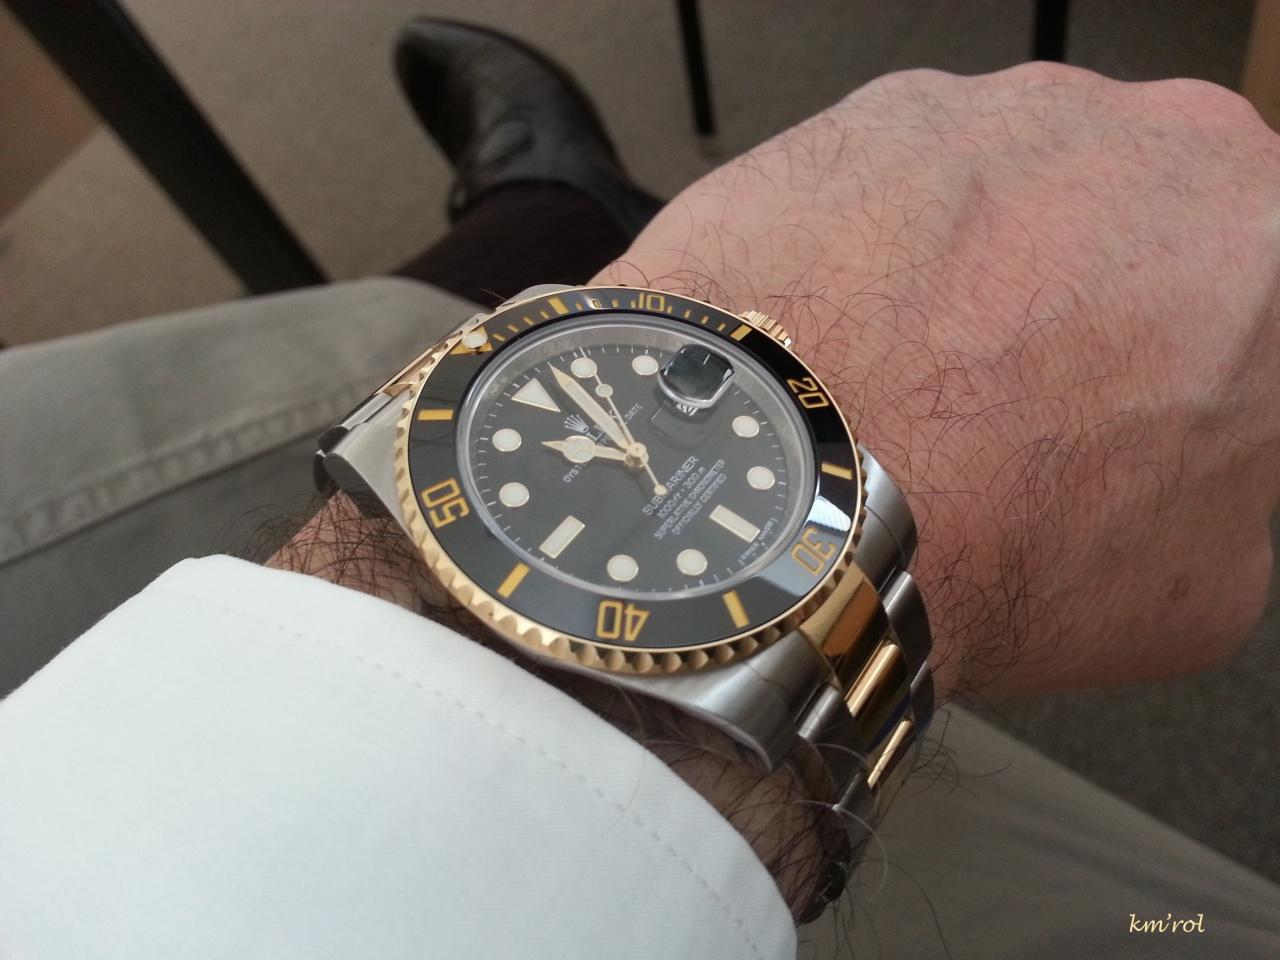 stowa - La montre de plongée du jour - tome 3 - Page 44 508903SUBOA51